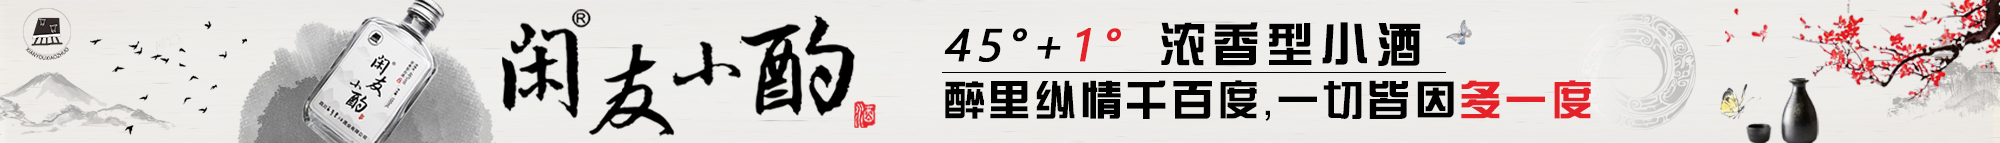 四川百年皇坛酒业有限公司之闲友小酌酒